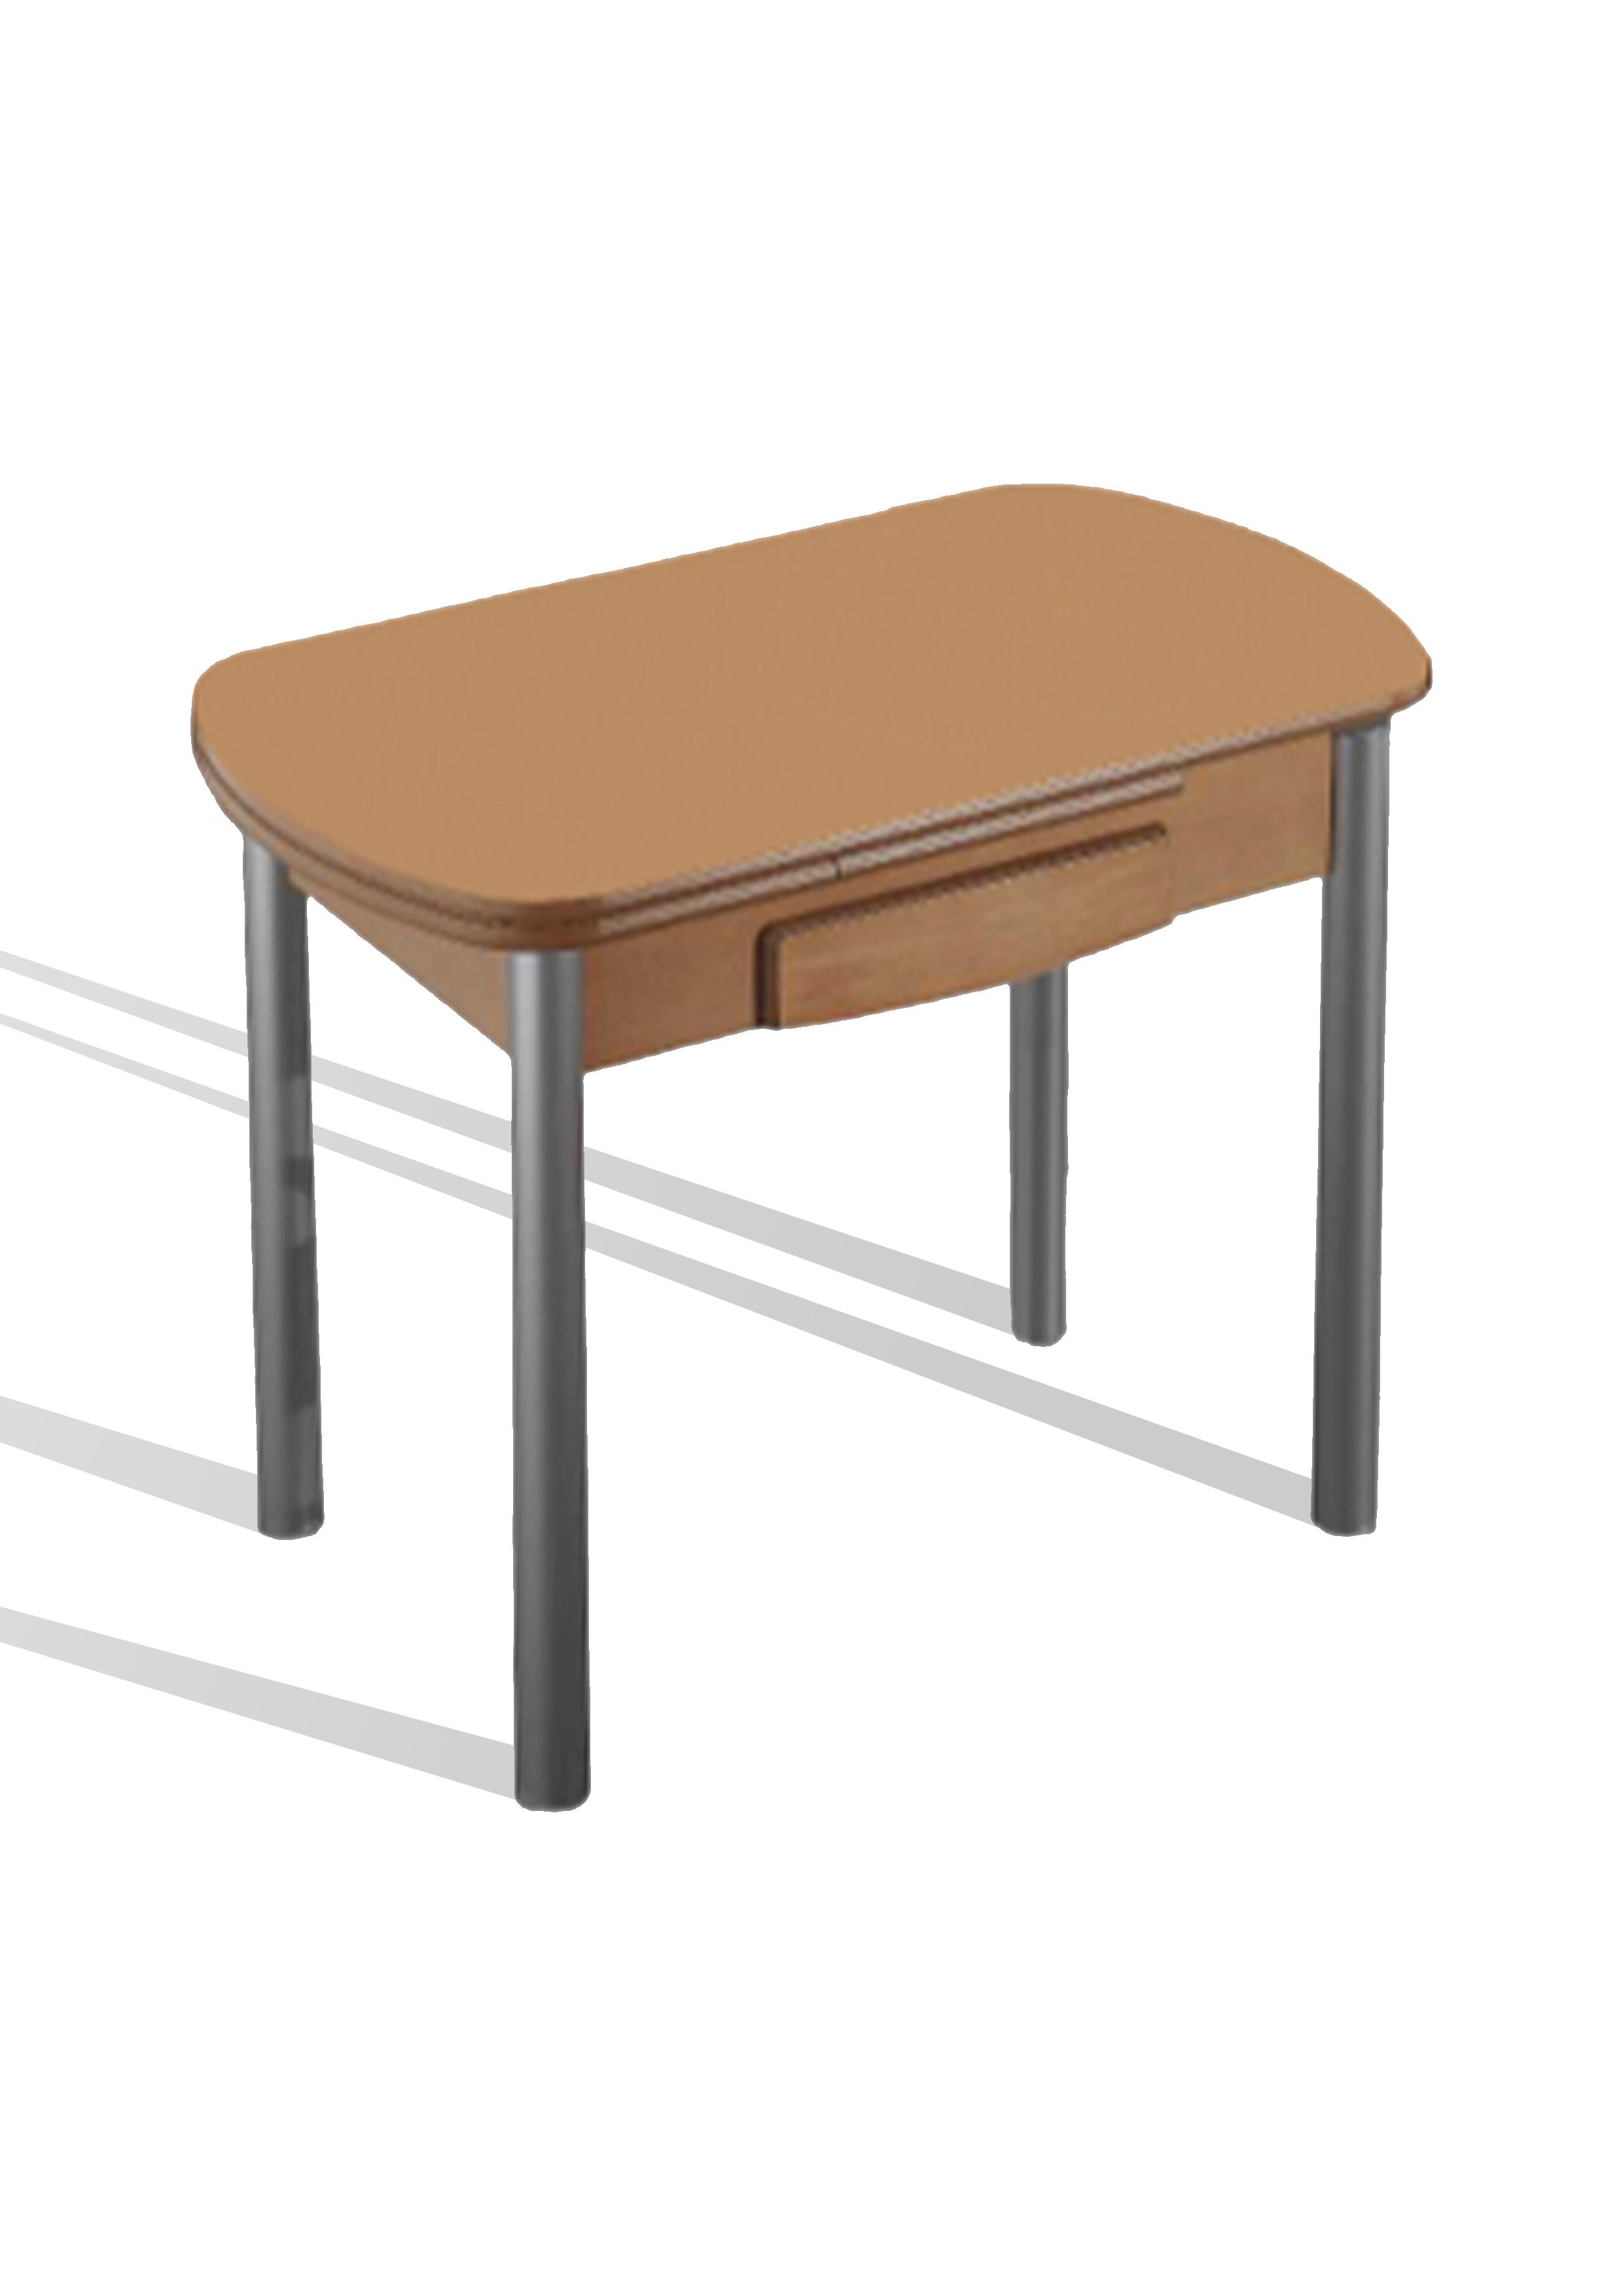 Mesas de cocina originales sillas de cocina modernas baratas - Mesas y sillas de cocina de diseno ...